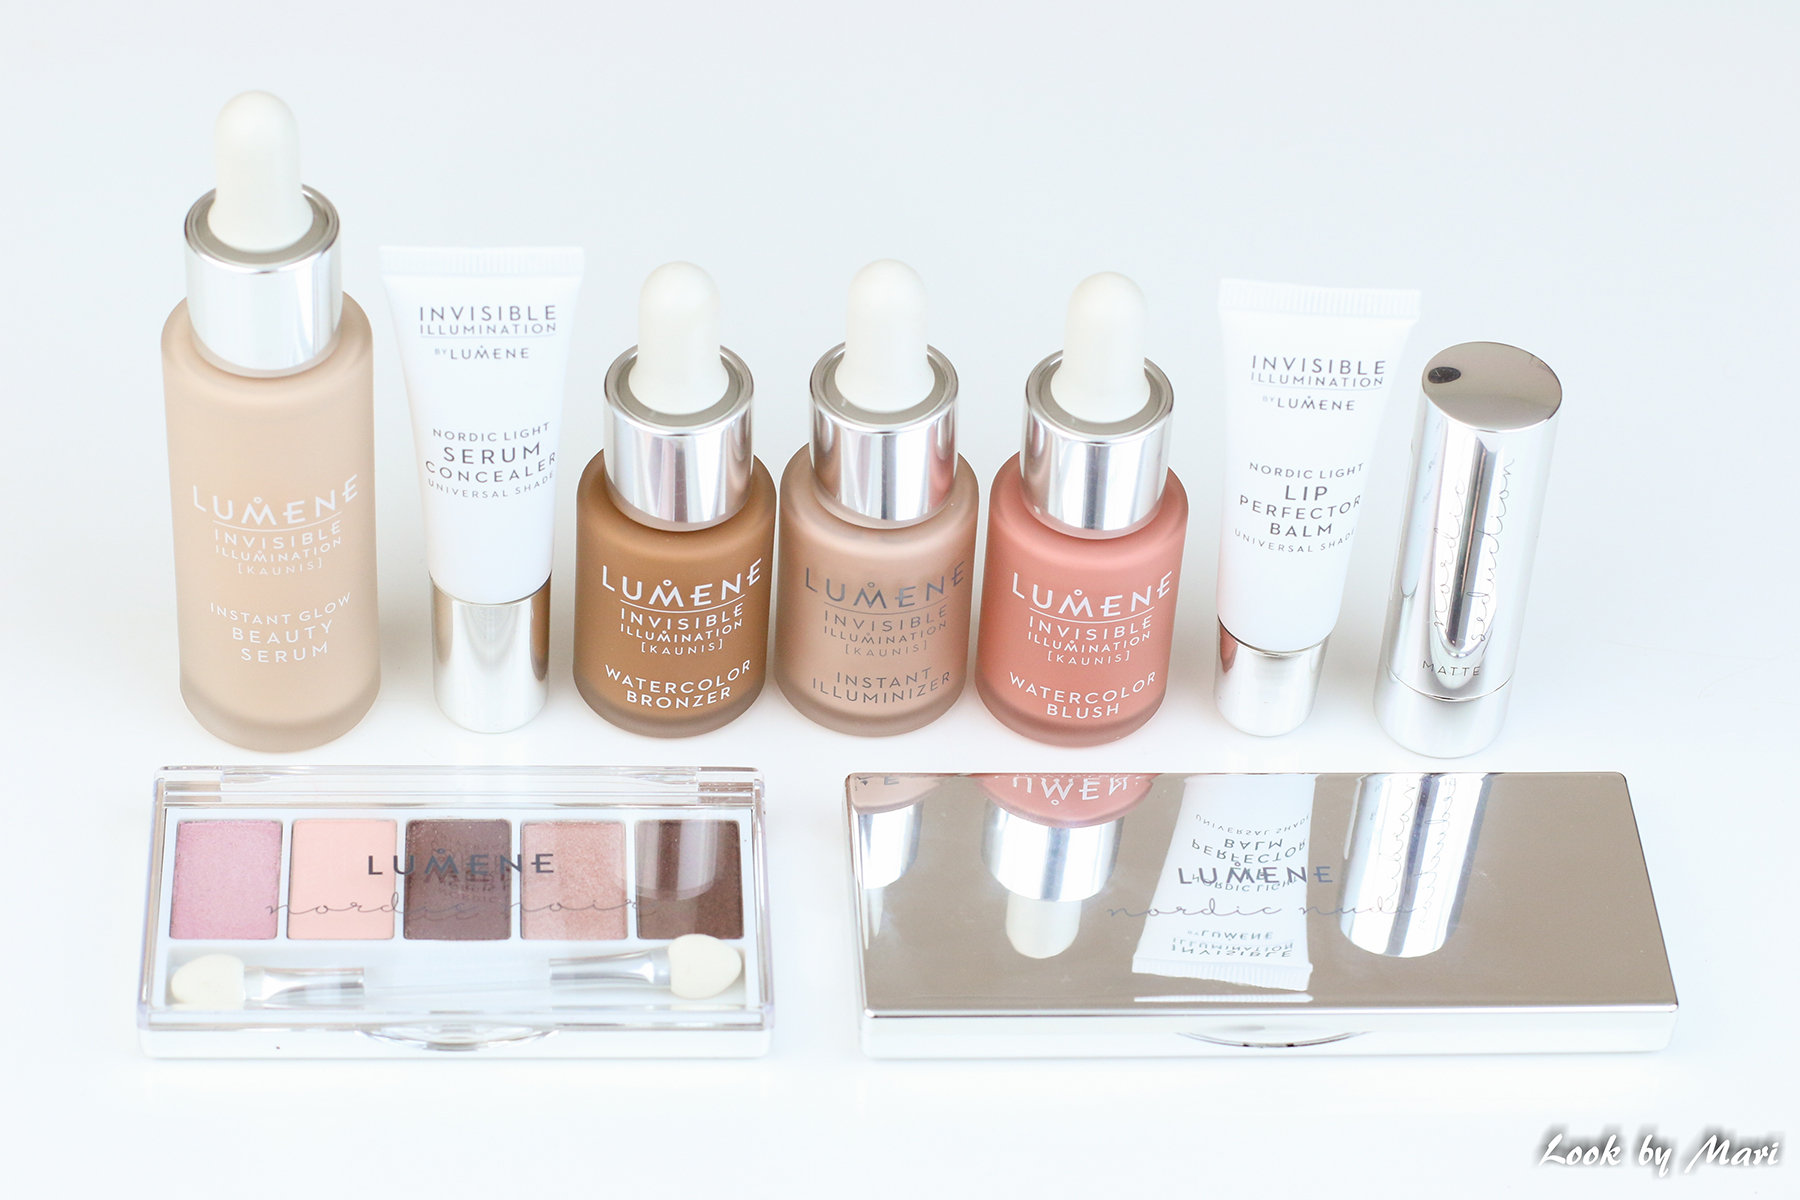 15 uudistunut lumene uudet tuotteet mitä ostaa parhaat tuotteet blogi glow beauty serum